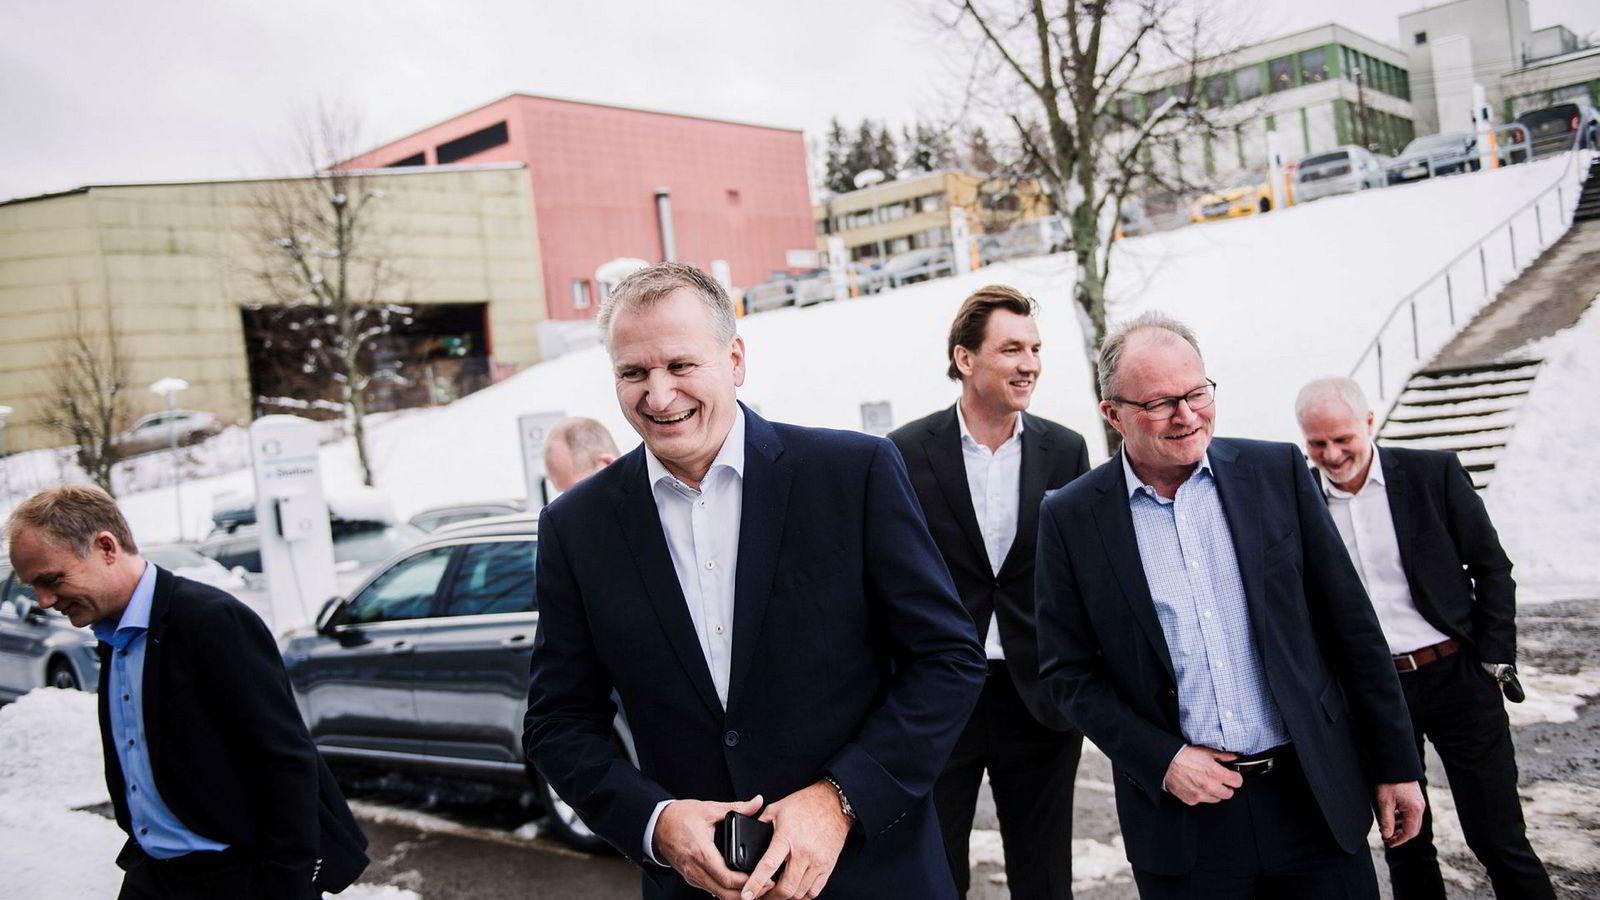 2016 ble et rekordår for Møllergruppen. F.v.: Harald Frigstad, direktør i Møller Bil, Terje Male, konsernsjef Møllergruppen, Erik Sønsterud, finansdirektør Møllergruppen og Pål Syversen, tidligere konsernsjef.